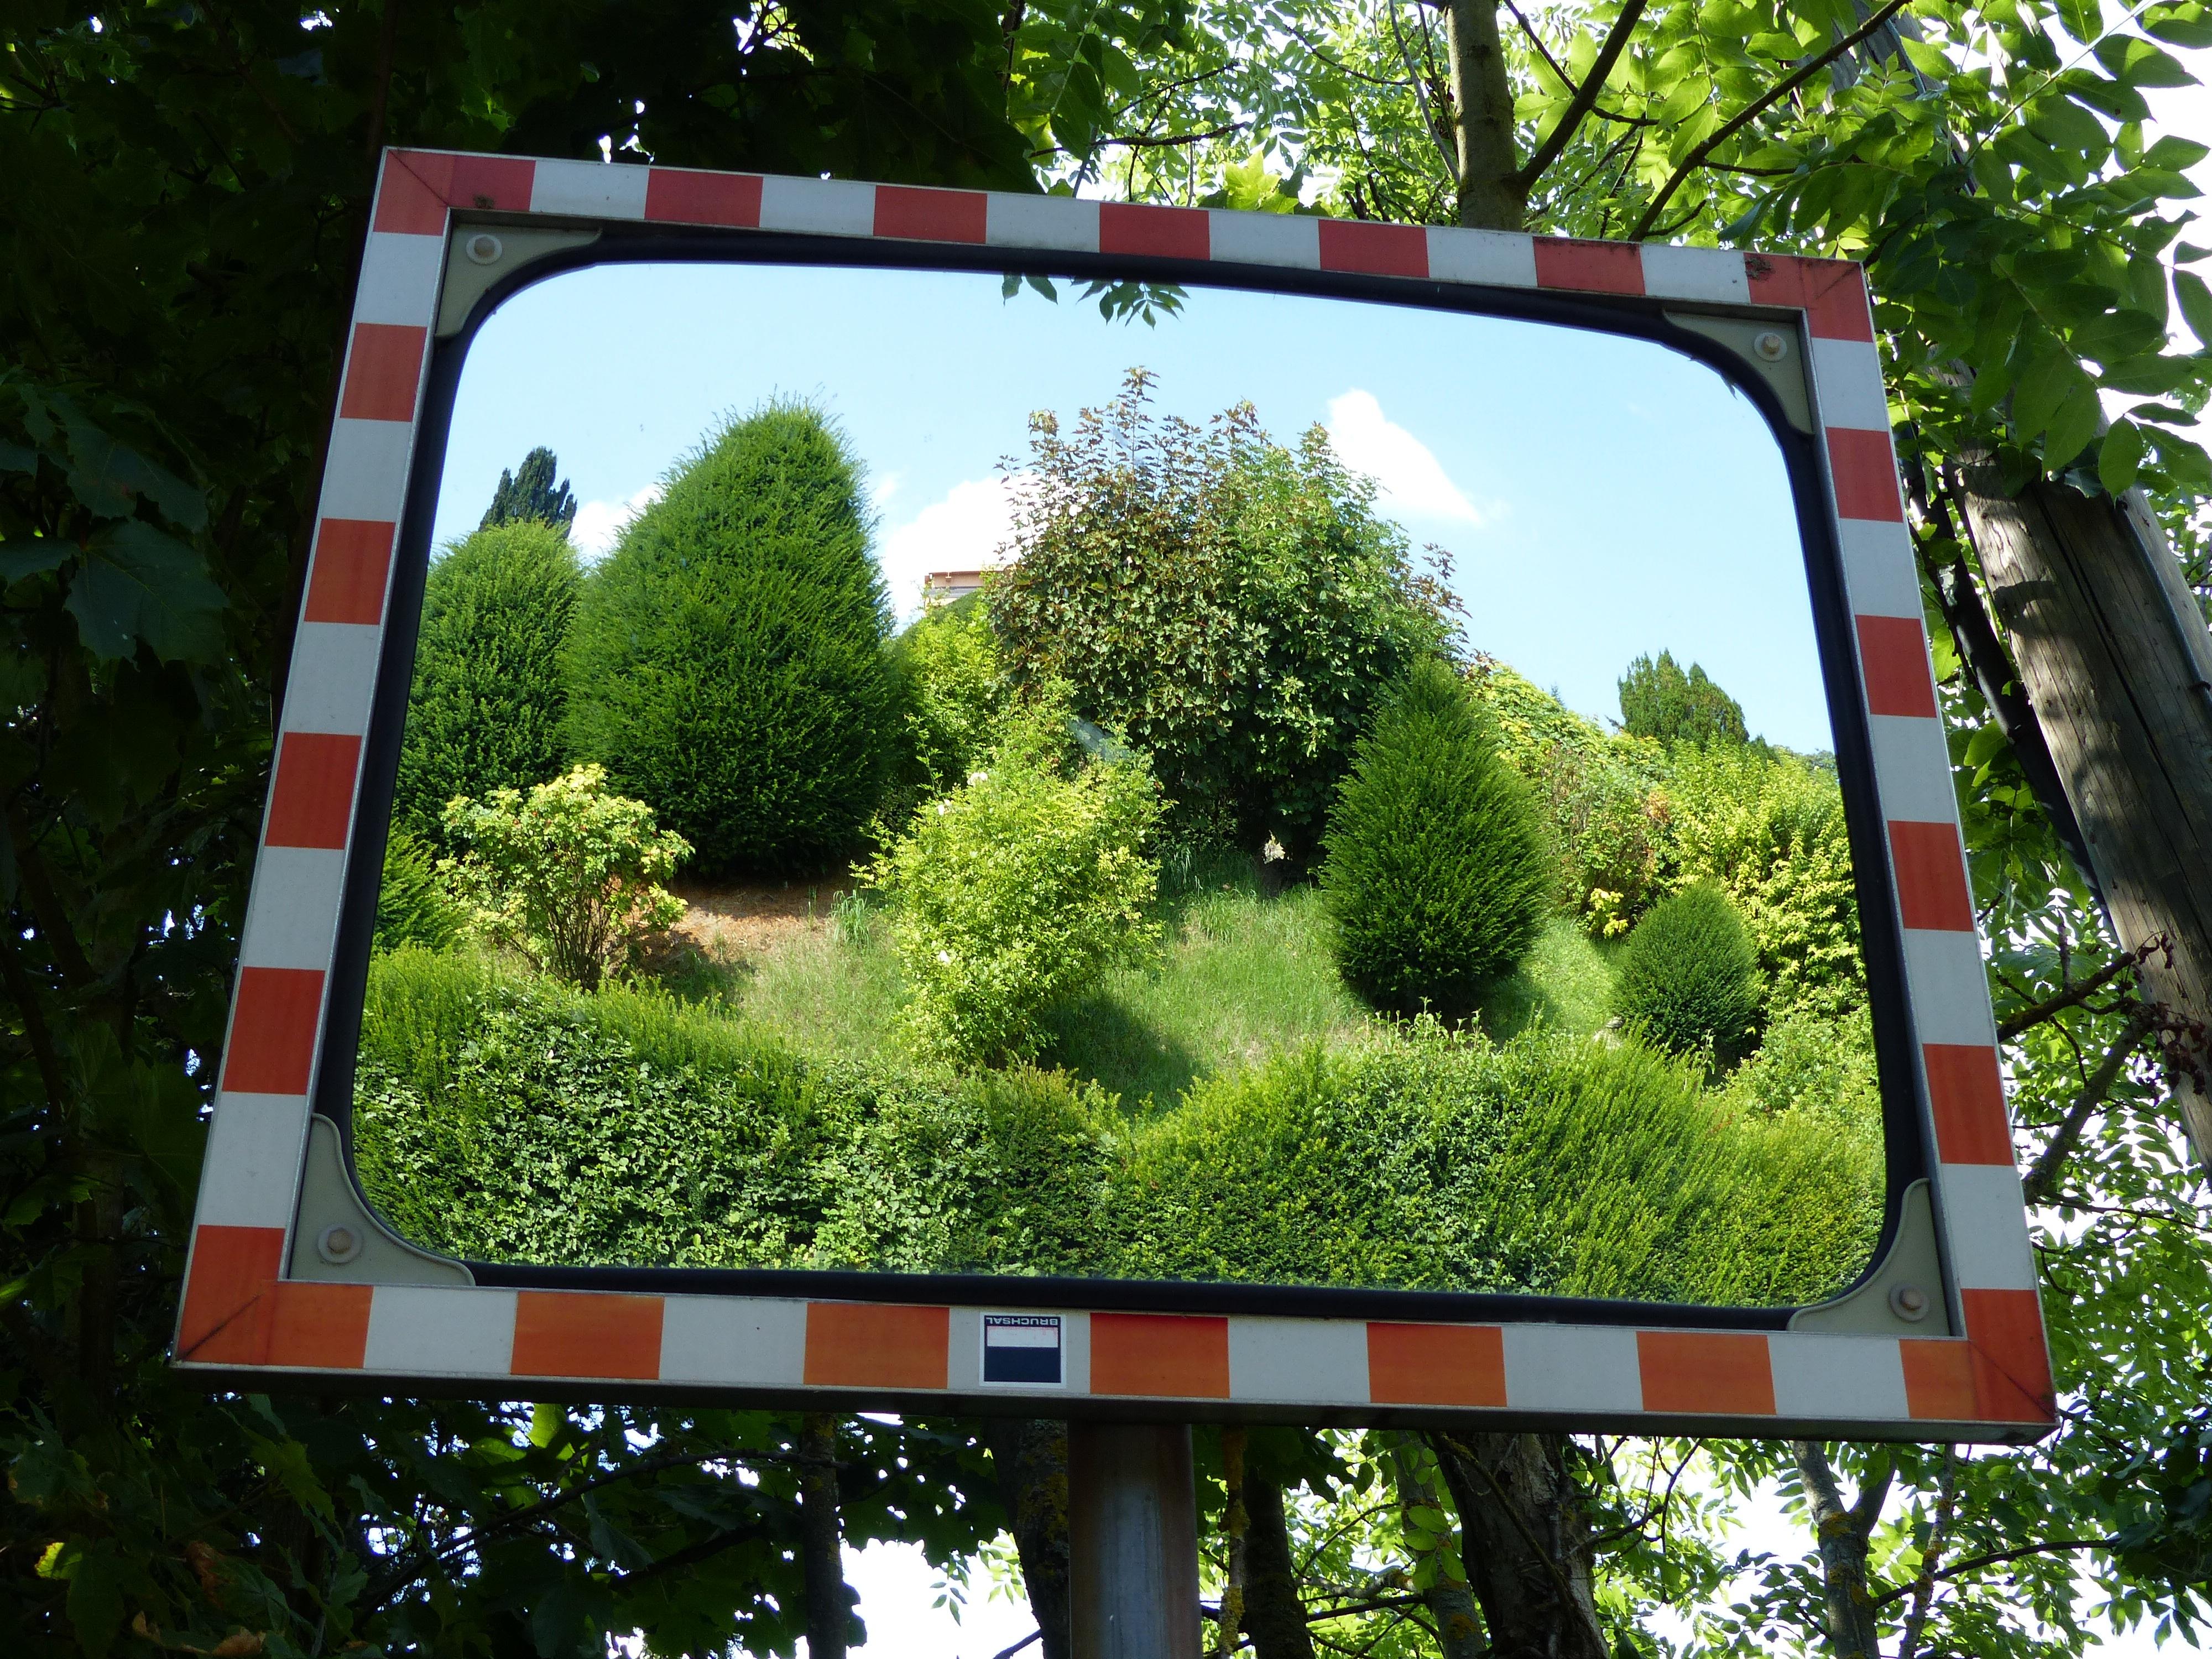 무료 이미지 : 경치, 창문, 광고하는, 녹색, 반사, 간판, 나무, 미술, 덤불, 사진 프레임, 미러링 ...